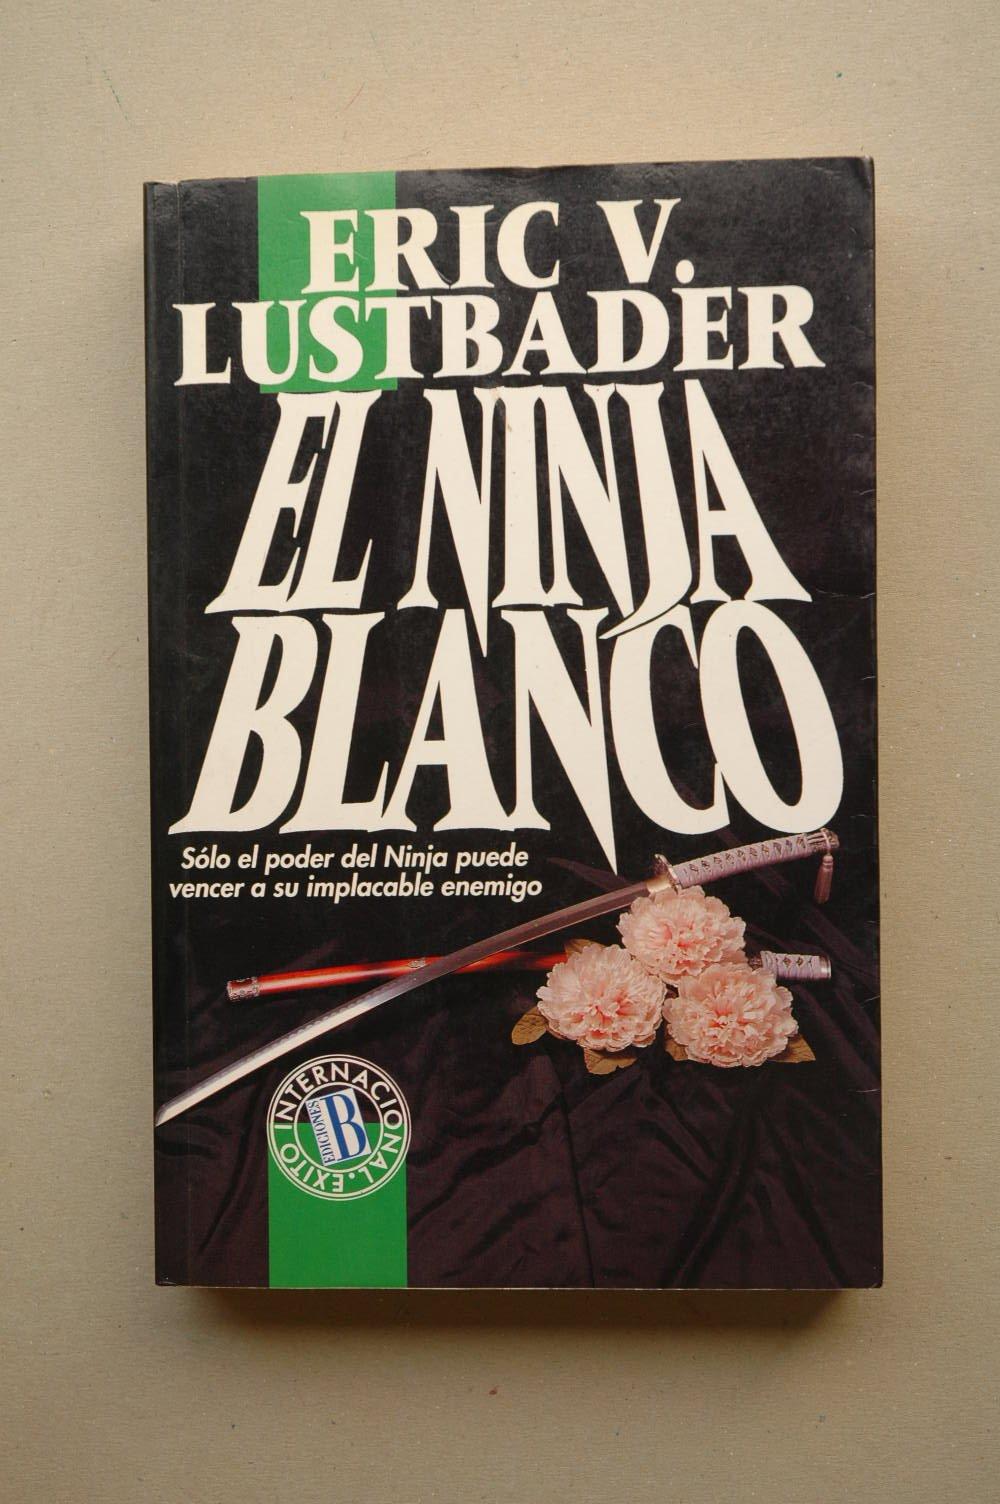 El ninja Blanco: Amazon.es: Lustbader: Libros